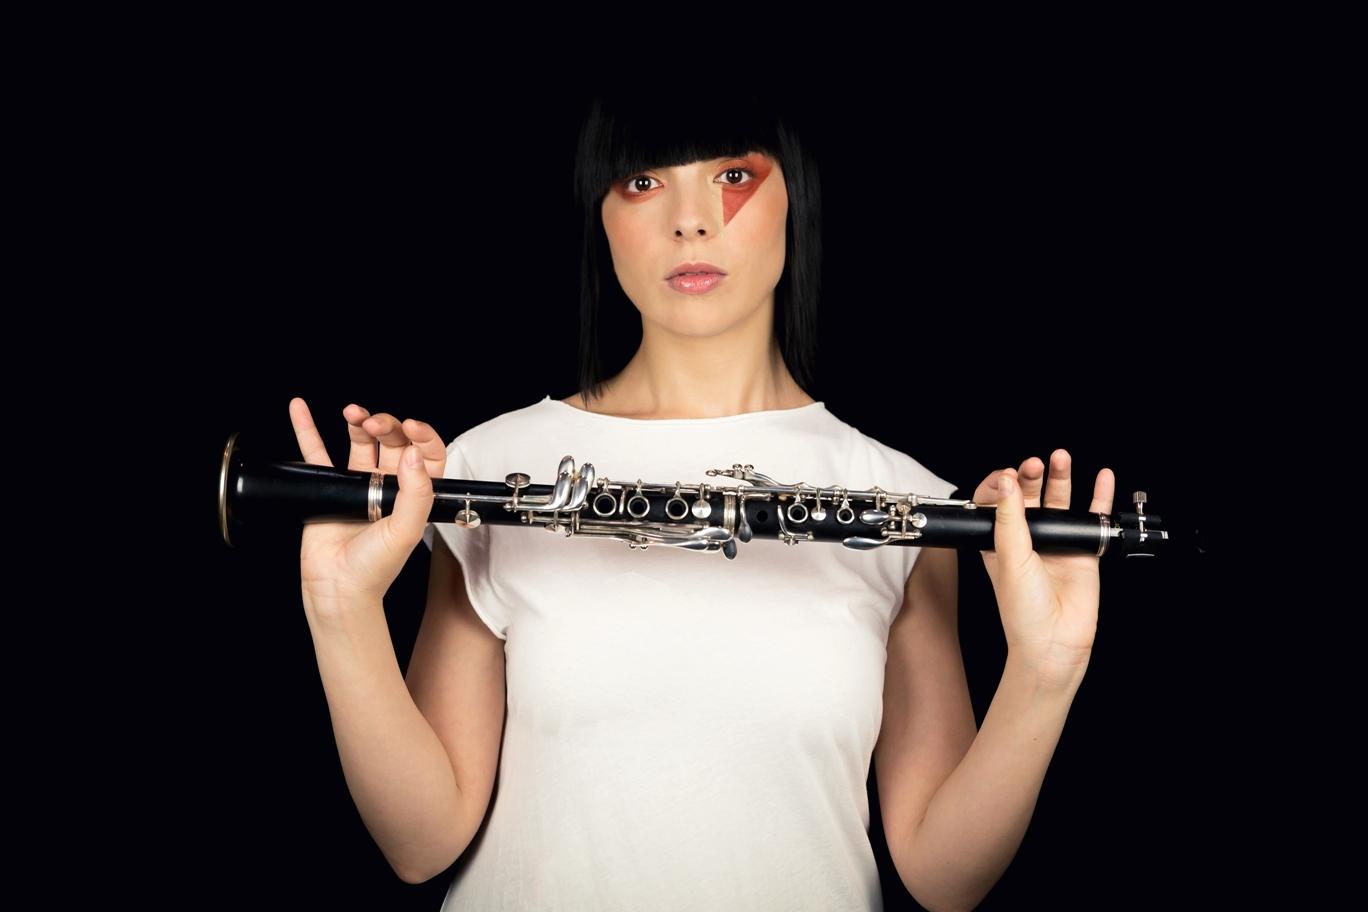 09_Zoe Pia - clarinetto (verzola)3-3